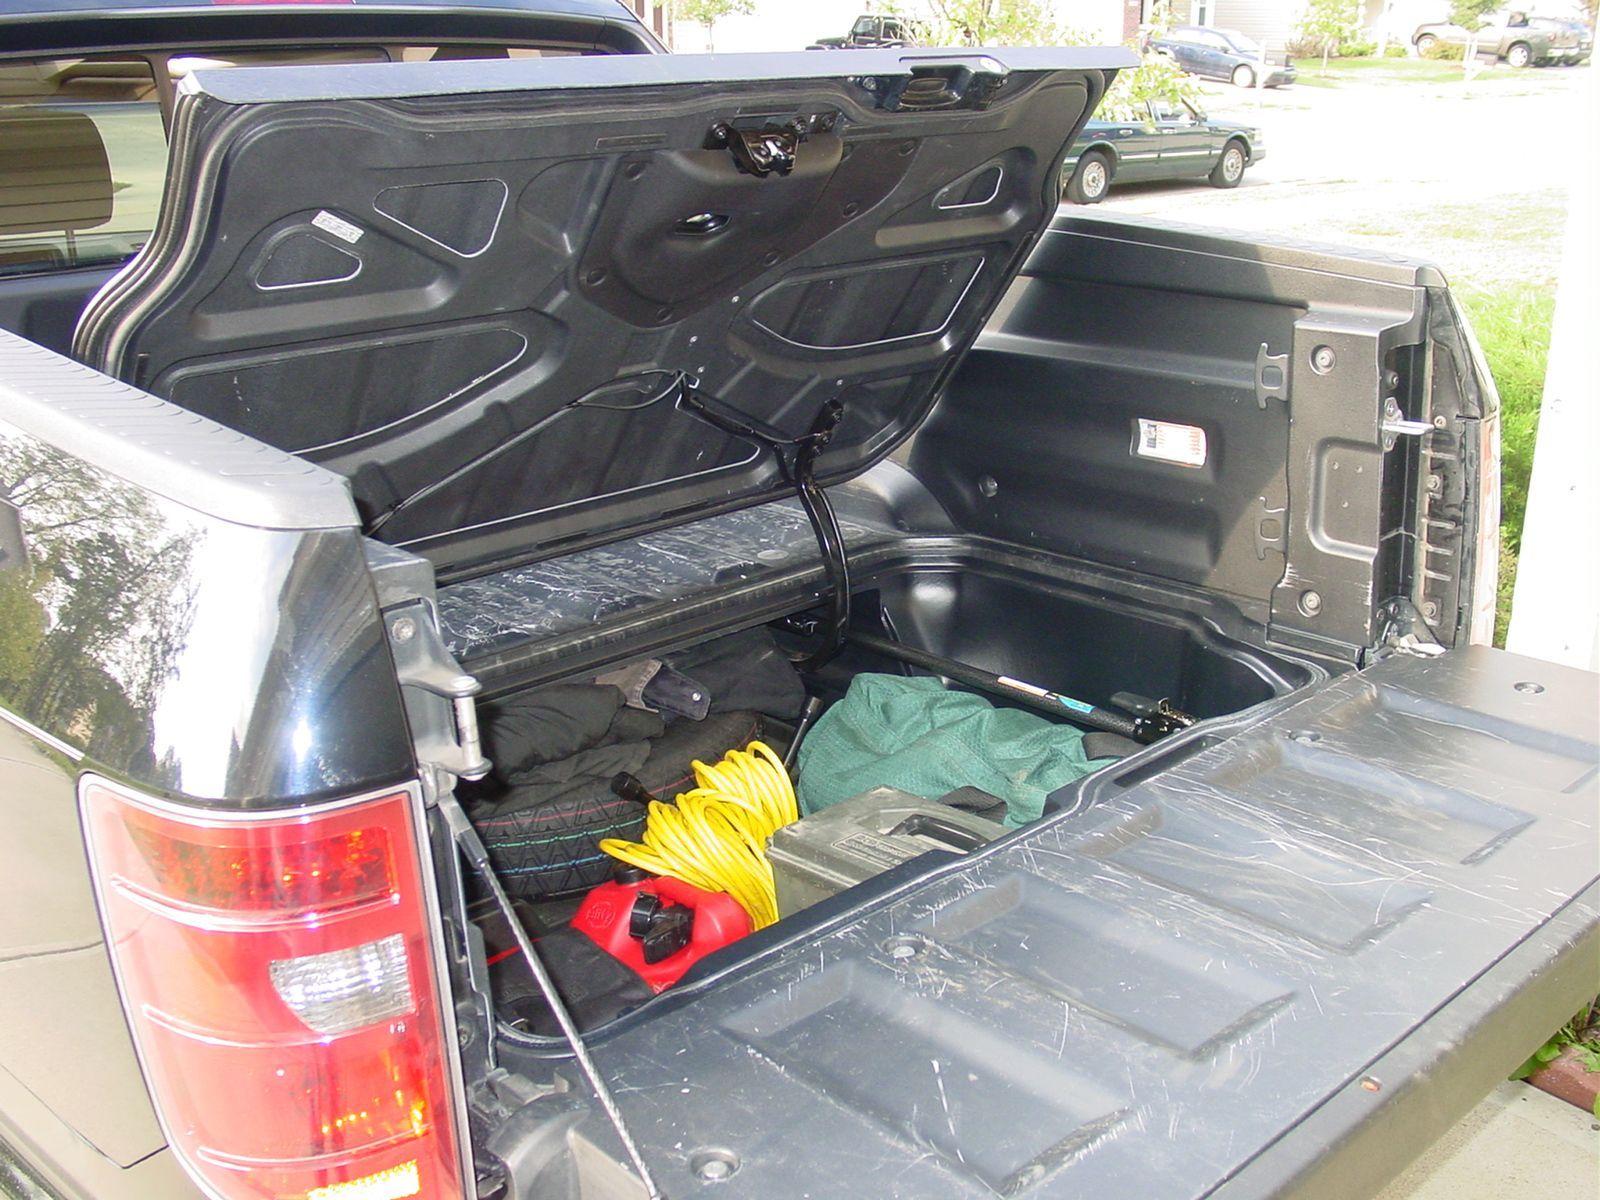 Hidden Truck Storage Truck Storage Cars Organization Cars Trucks